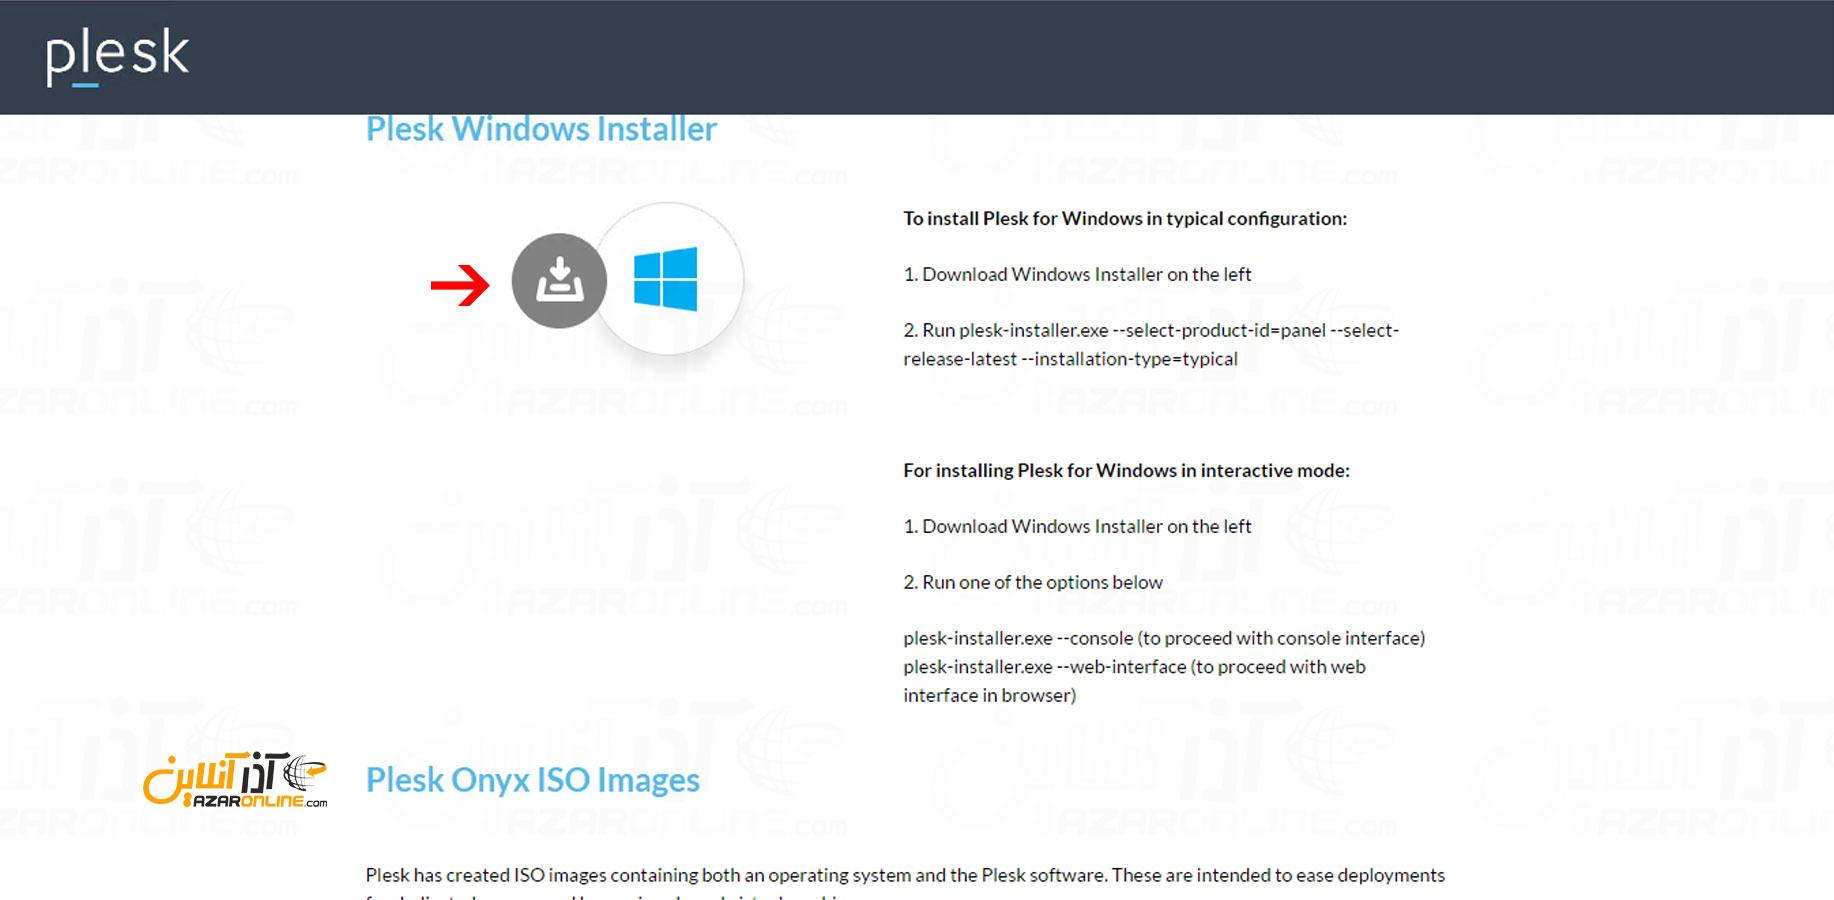 آموزش نصب کنترل پنل پلسک در ویندوز - دانلود فایل plesk